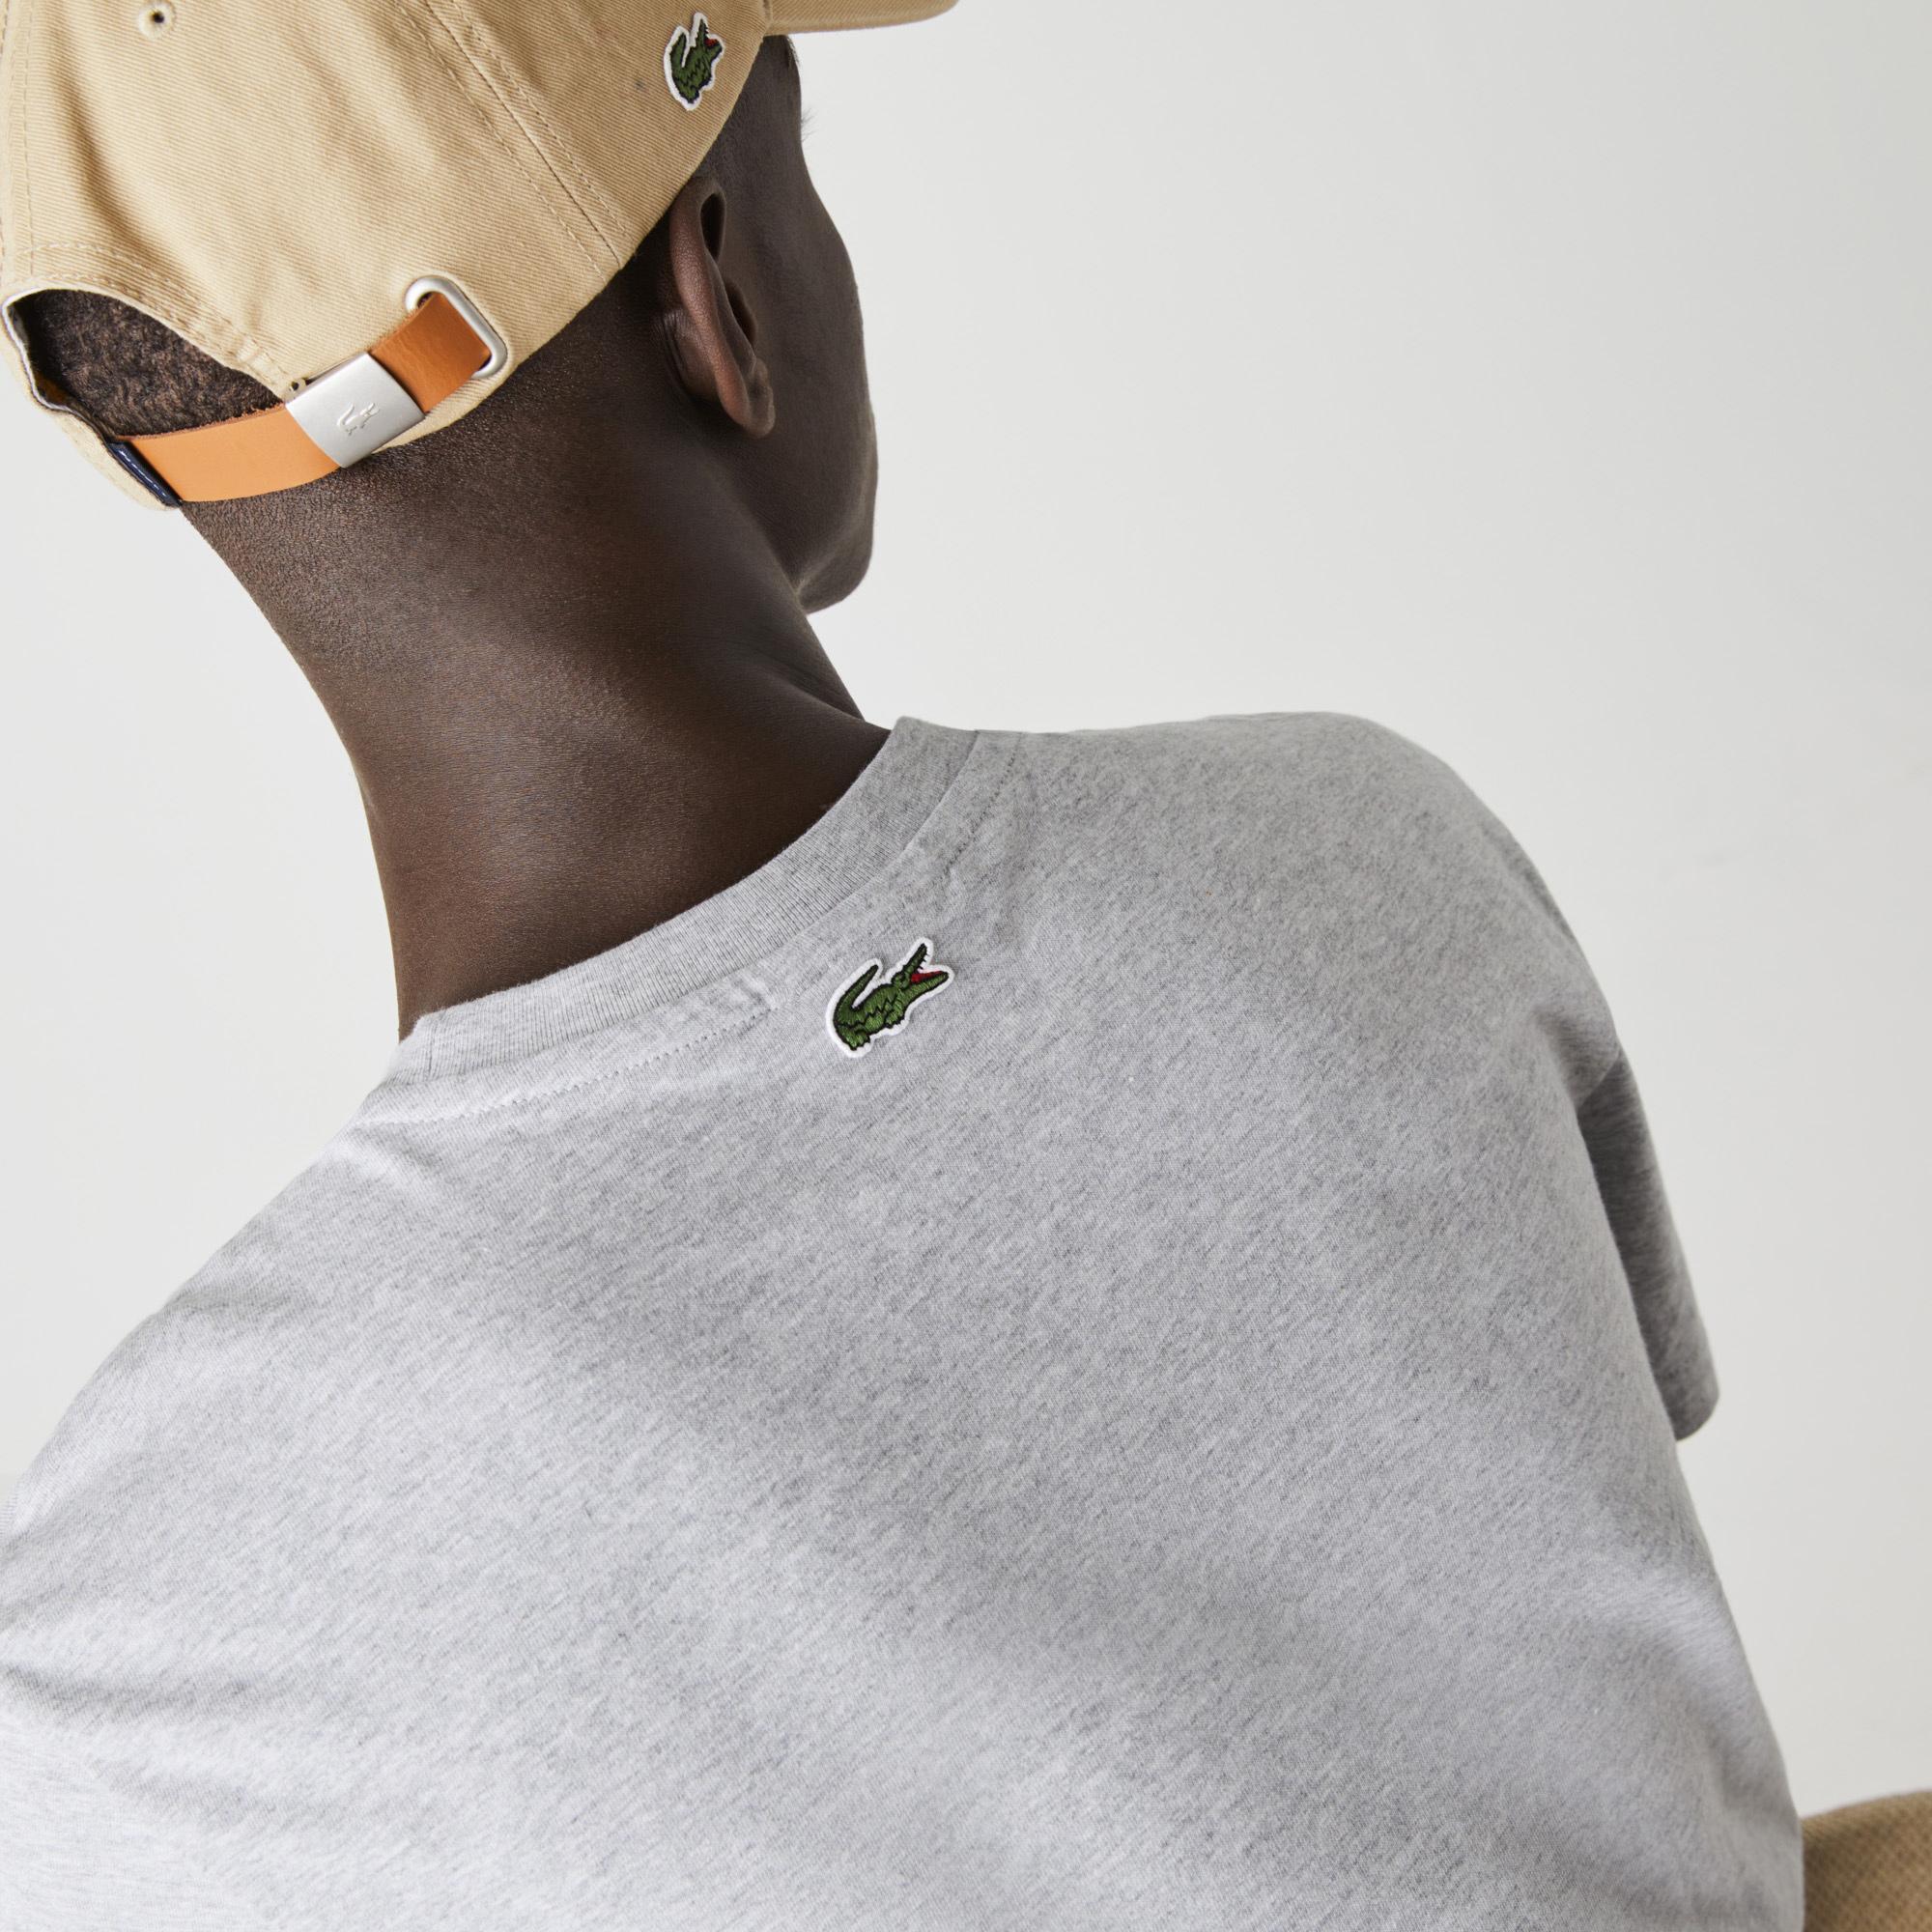 Lacoste Męski Bawełniany T-Shirt Z Nadrukowanym Logo